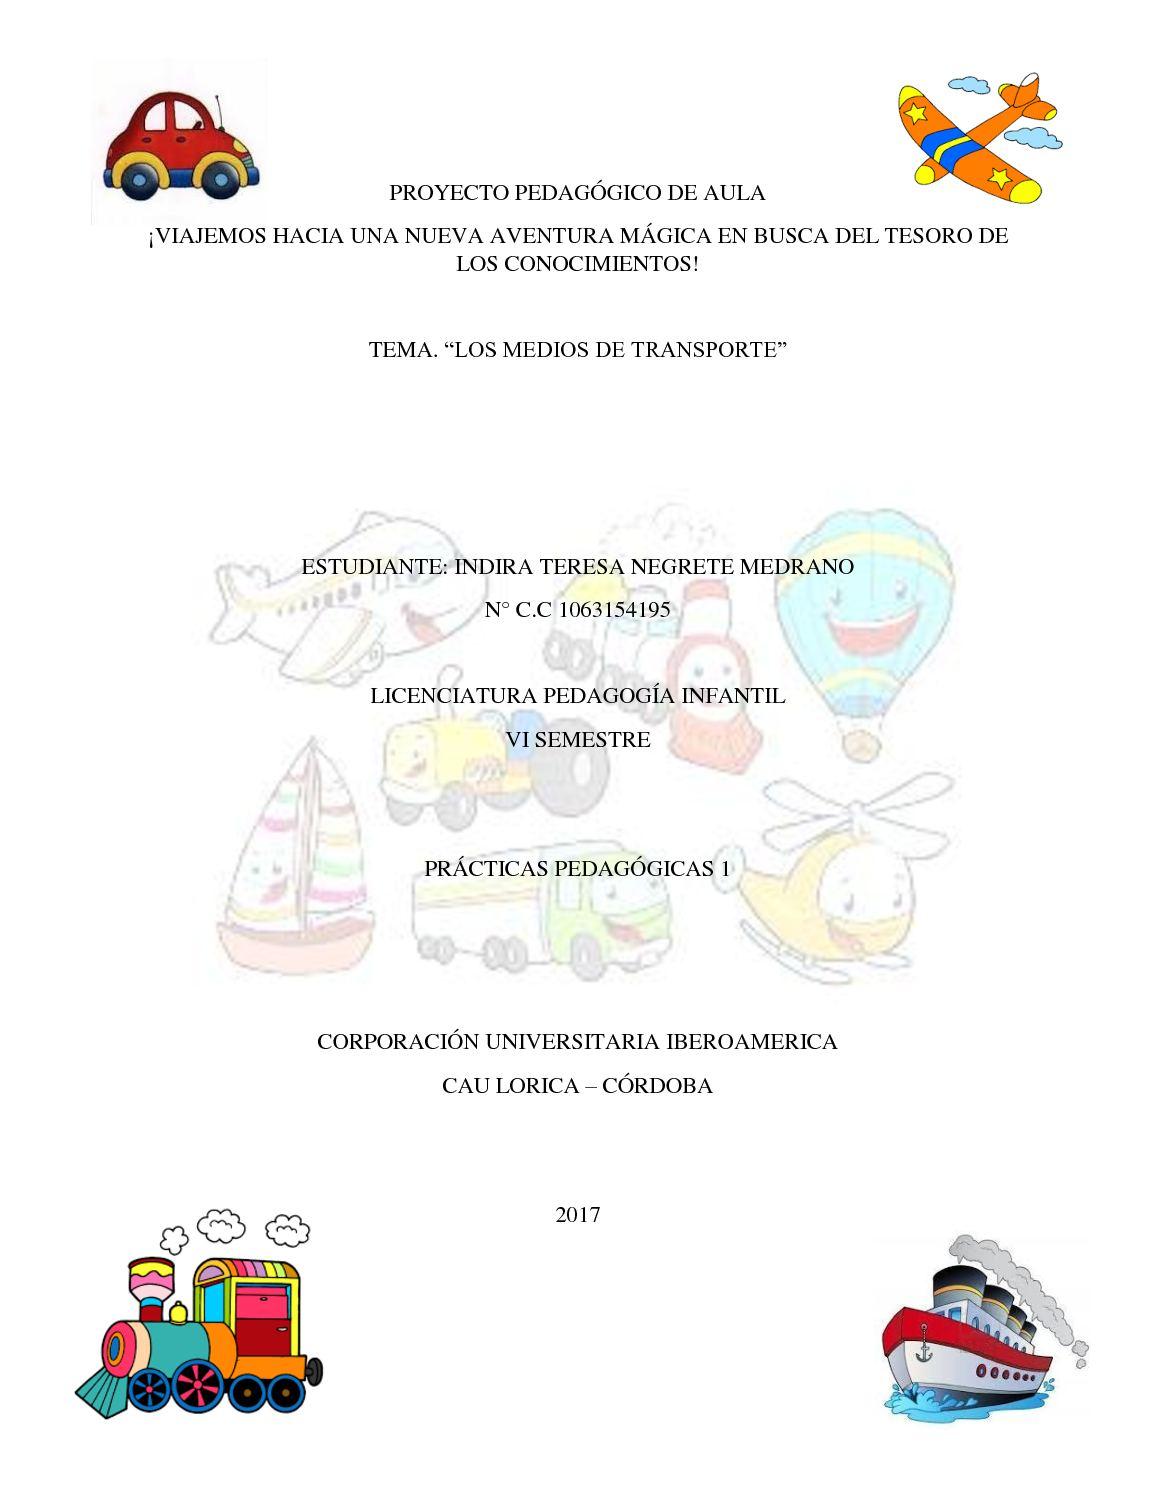 Calaméo Poyecto Pedagógico De Aula Medios De Transportes